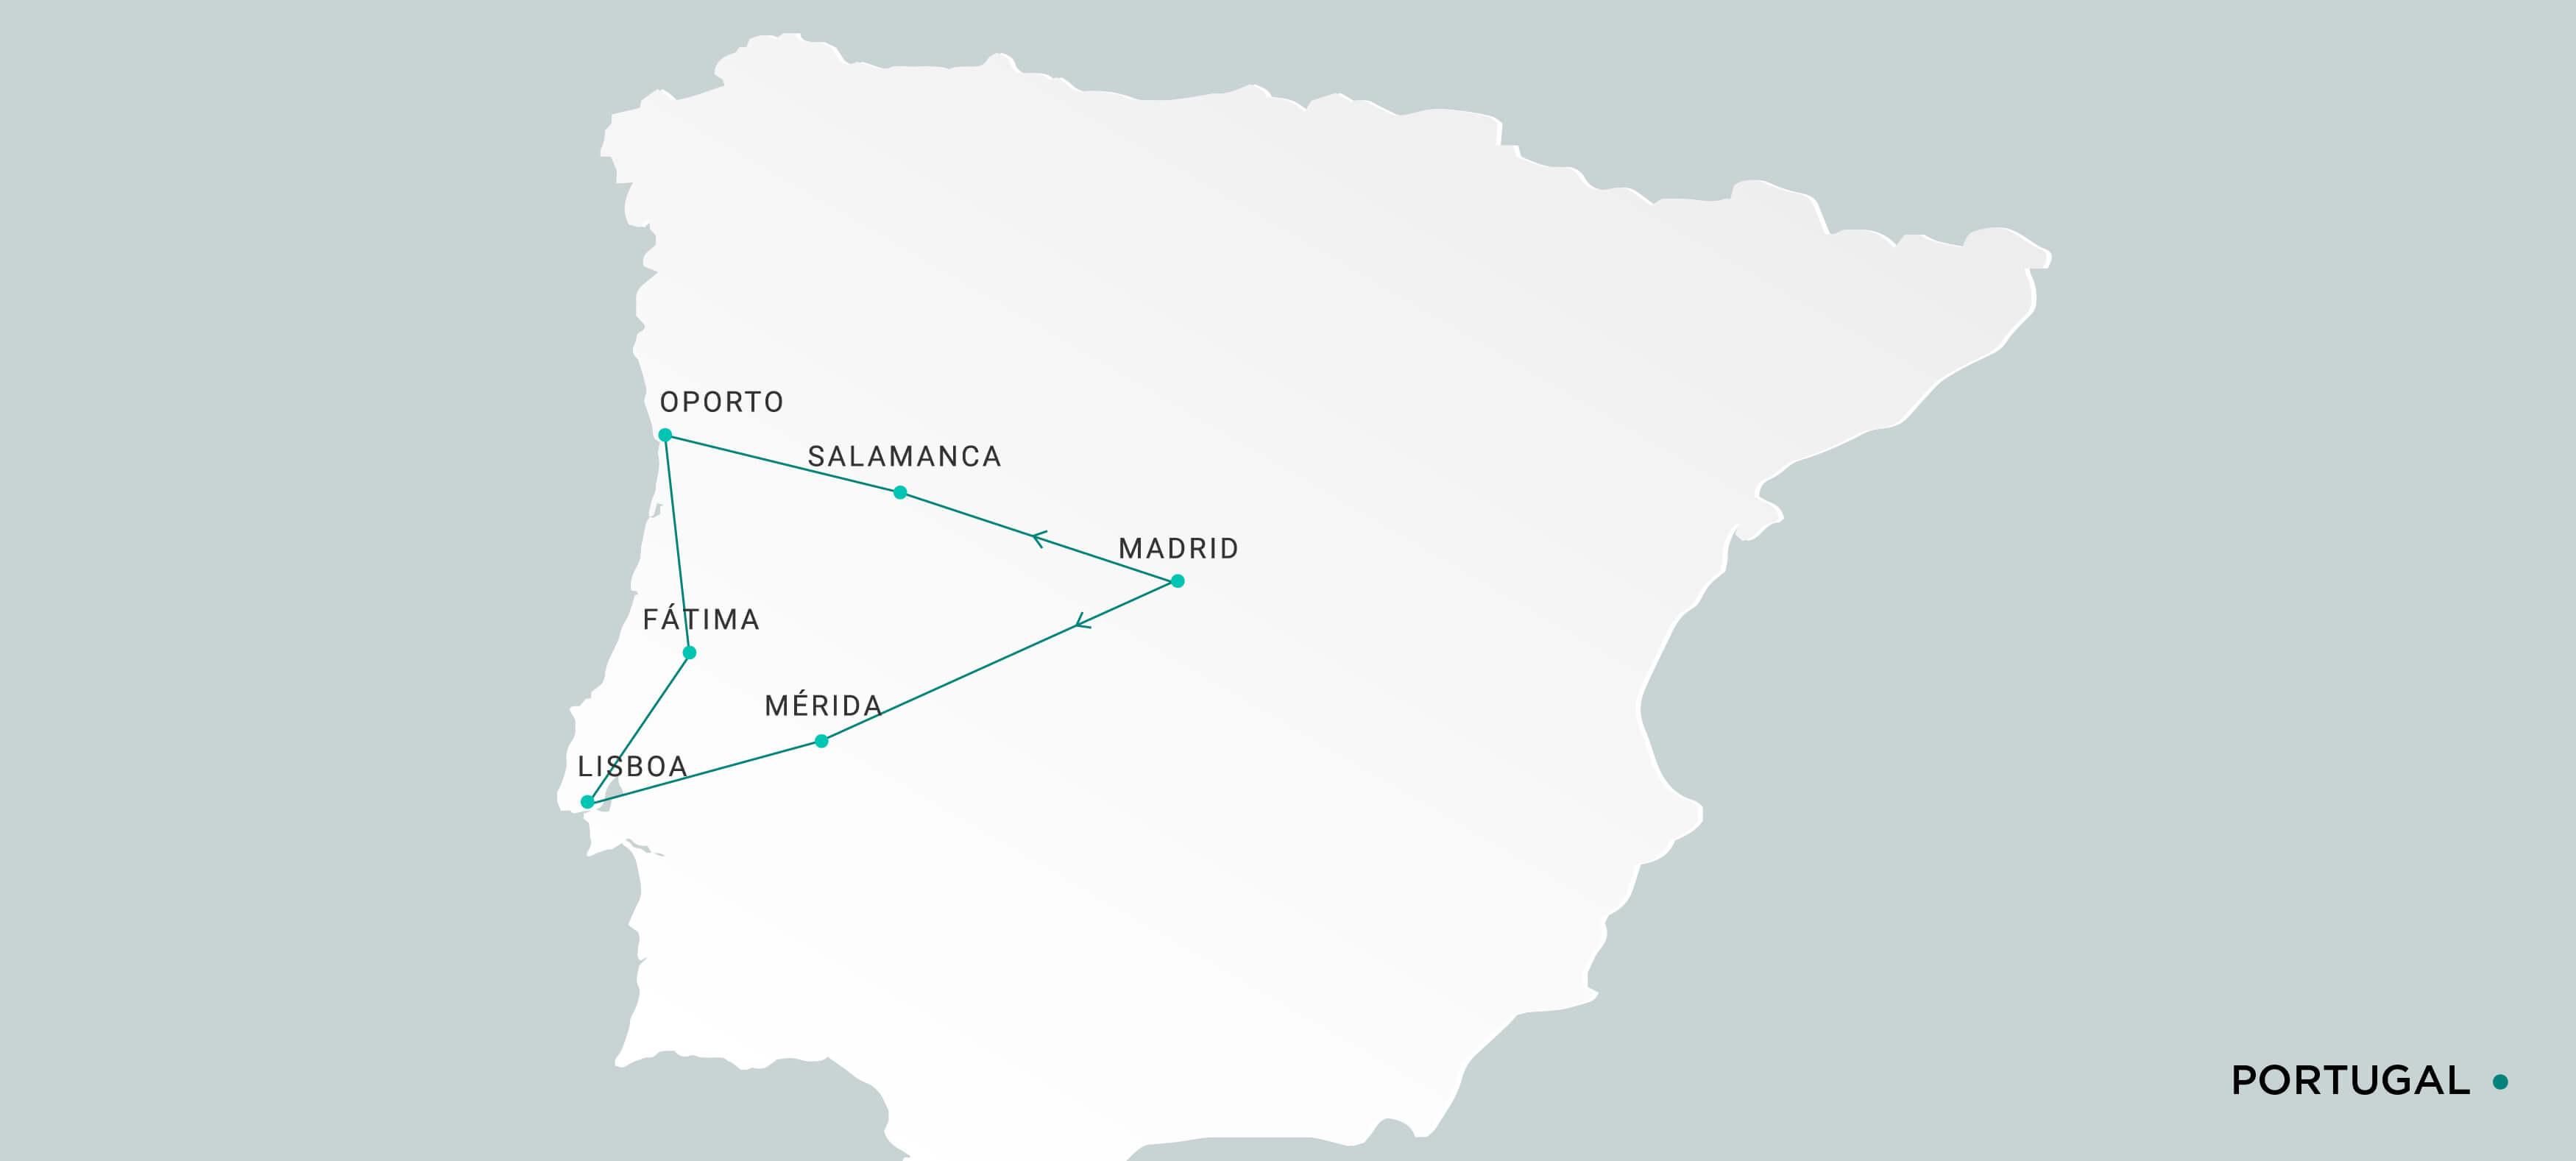 Mapa Portugal